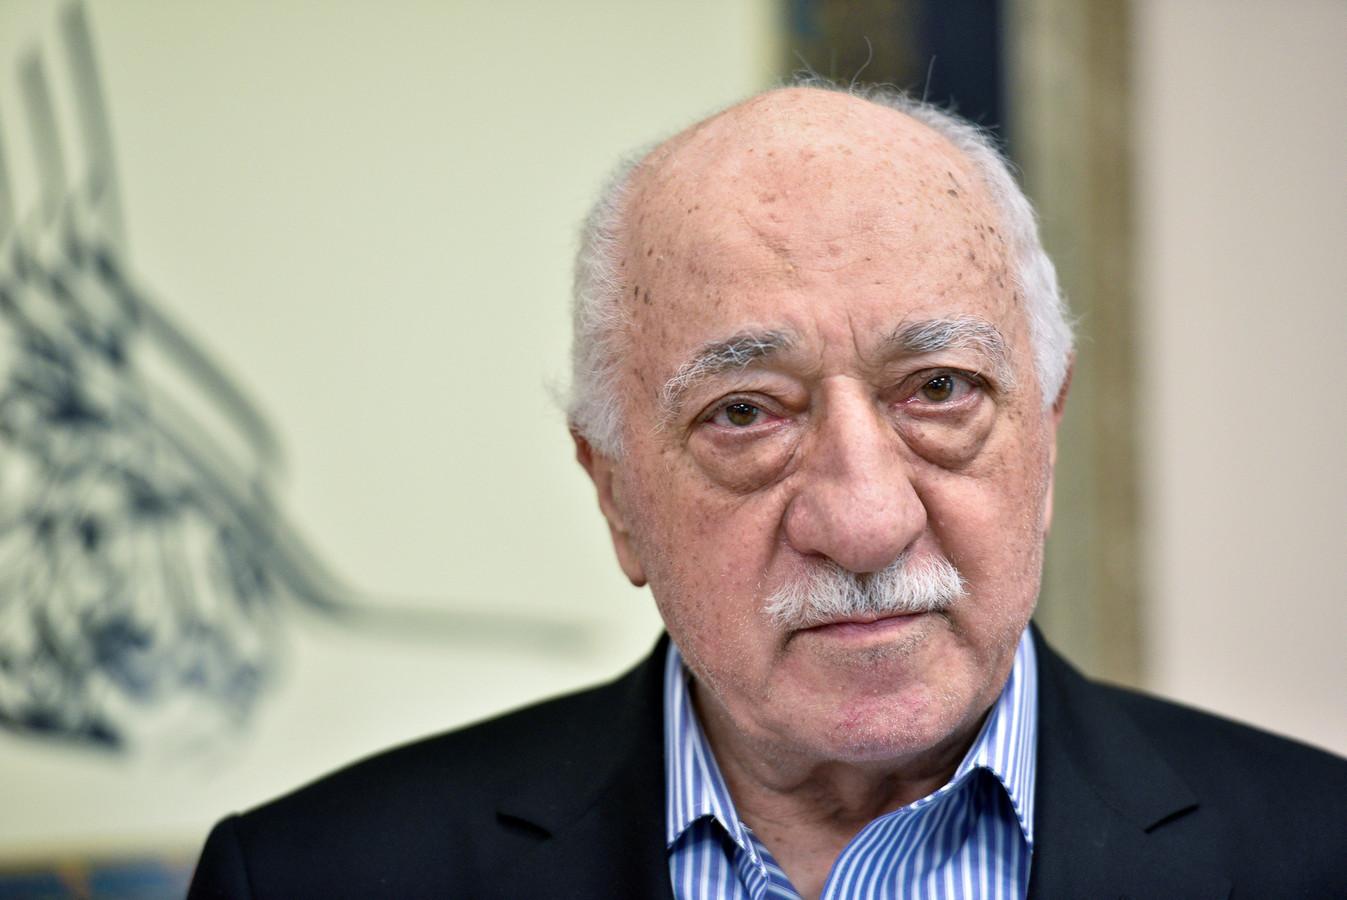 De islamitische geestelijke Fethullah Gülen verblijft in de Verenigde Staten.